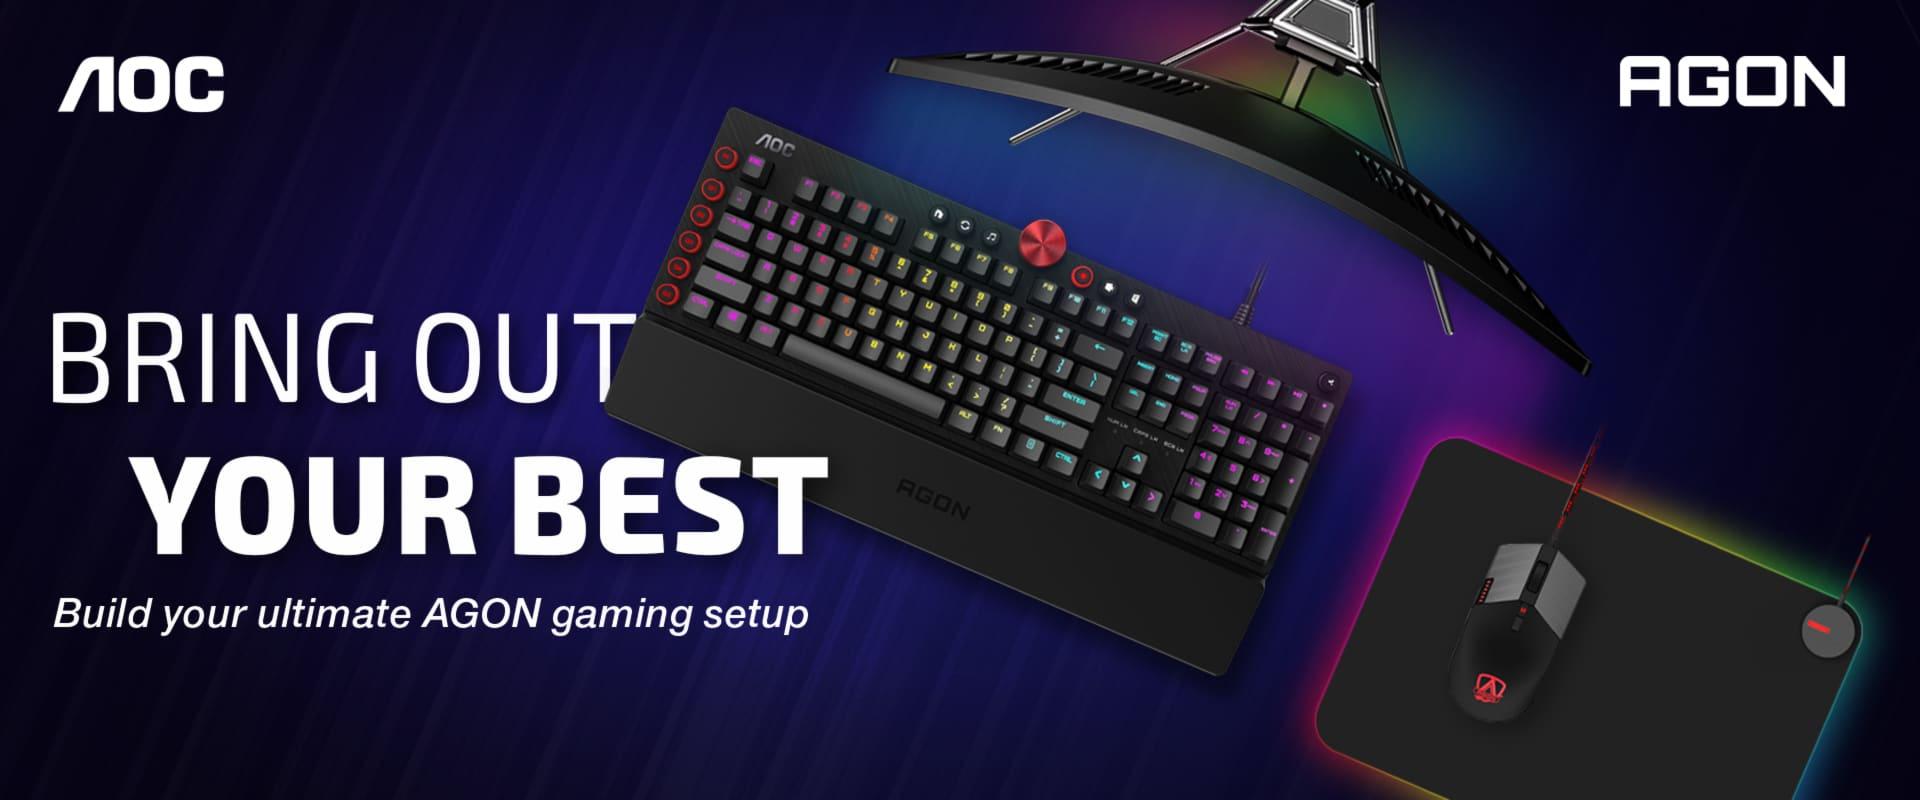 AOC amplía su gama con los nuevos teclados mecánicos, mouse y mousepad personalizables con el software AOC G-Tools, GamersRD